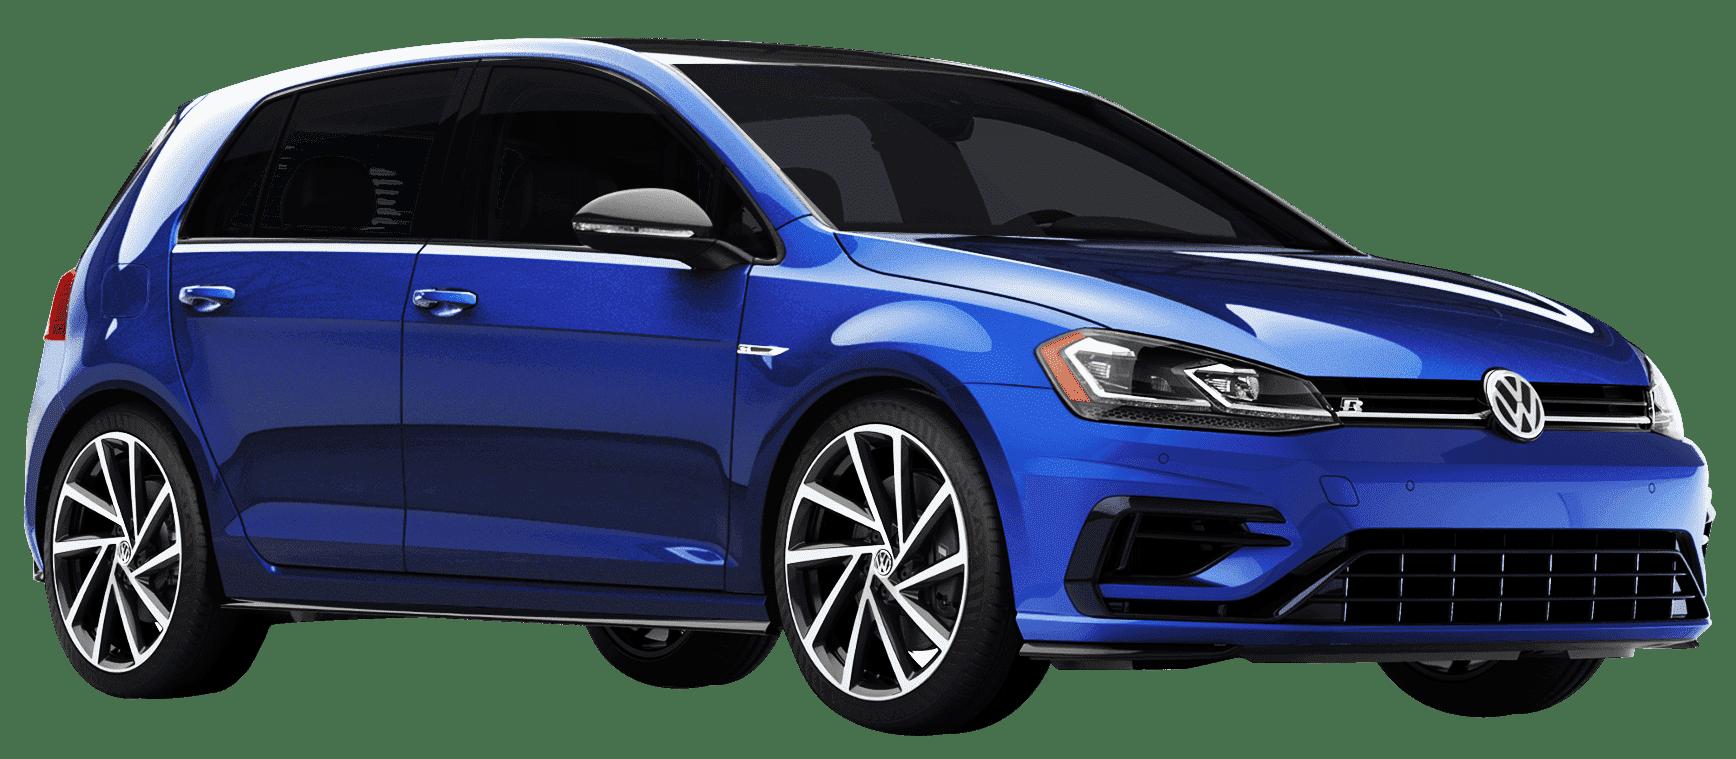 Rent Volkswagen Golf R in Dubai